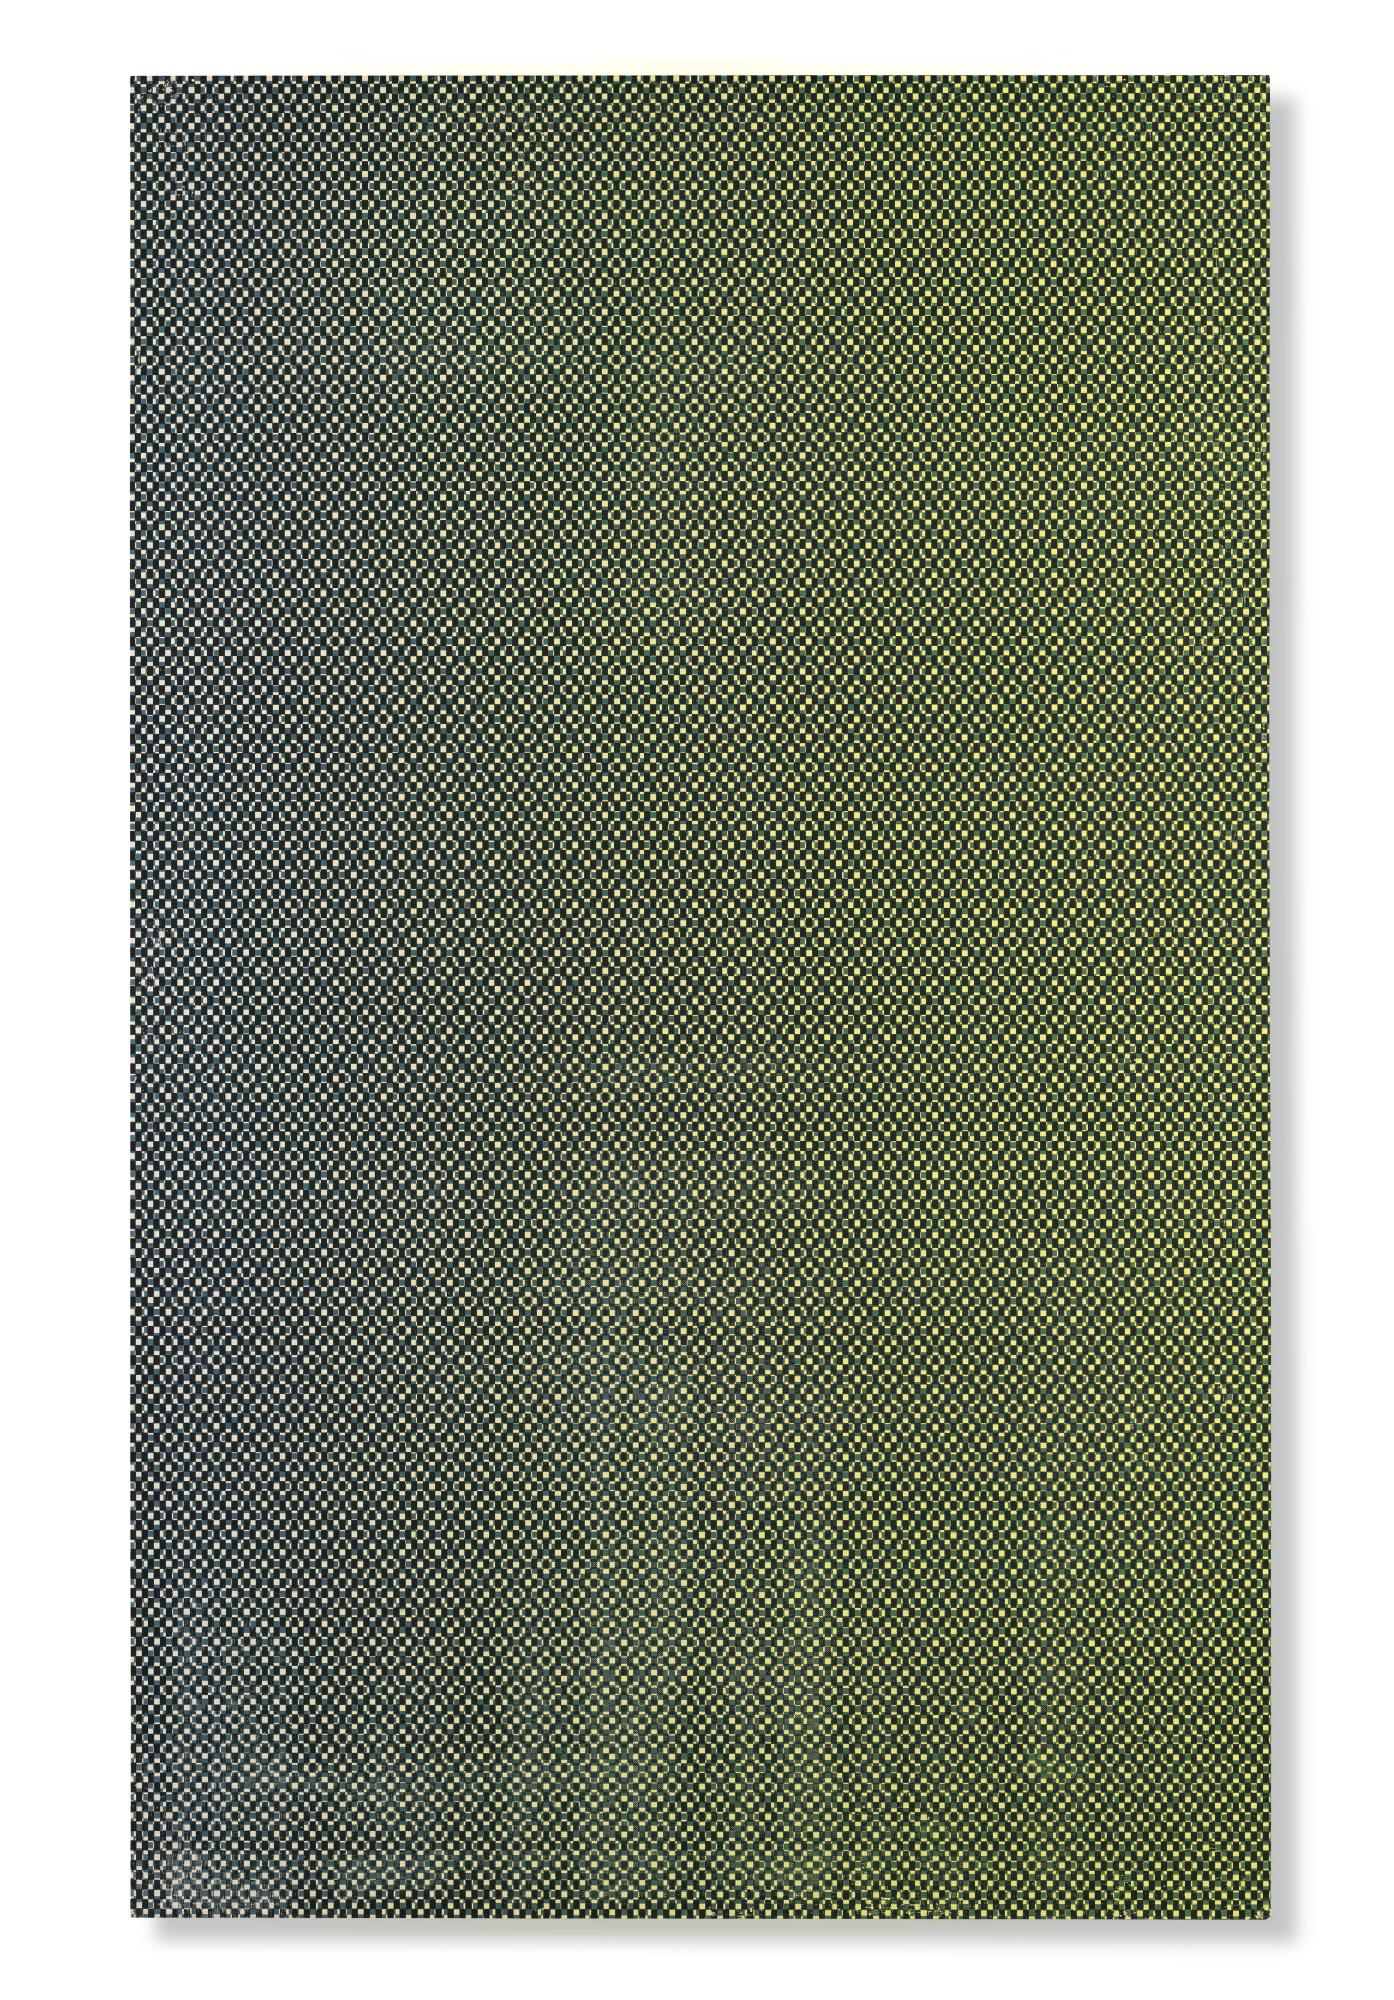 R.H. Quaytman-Chapter 12: Iamb (Green Screen)-2008